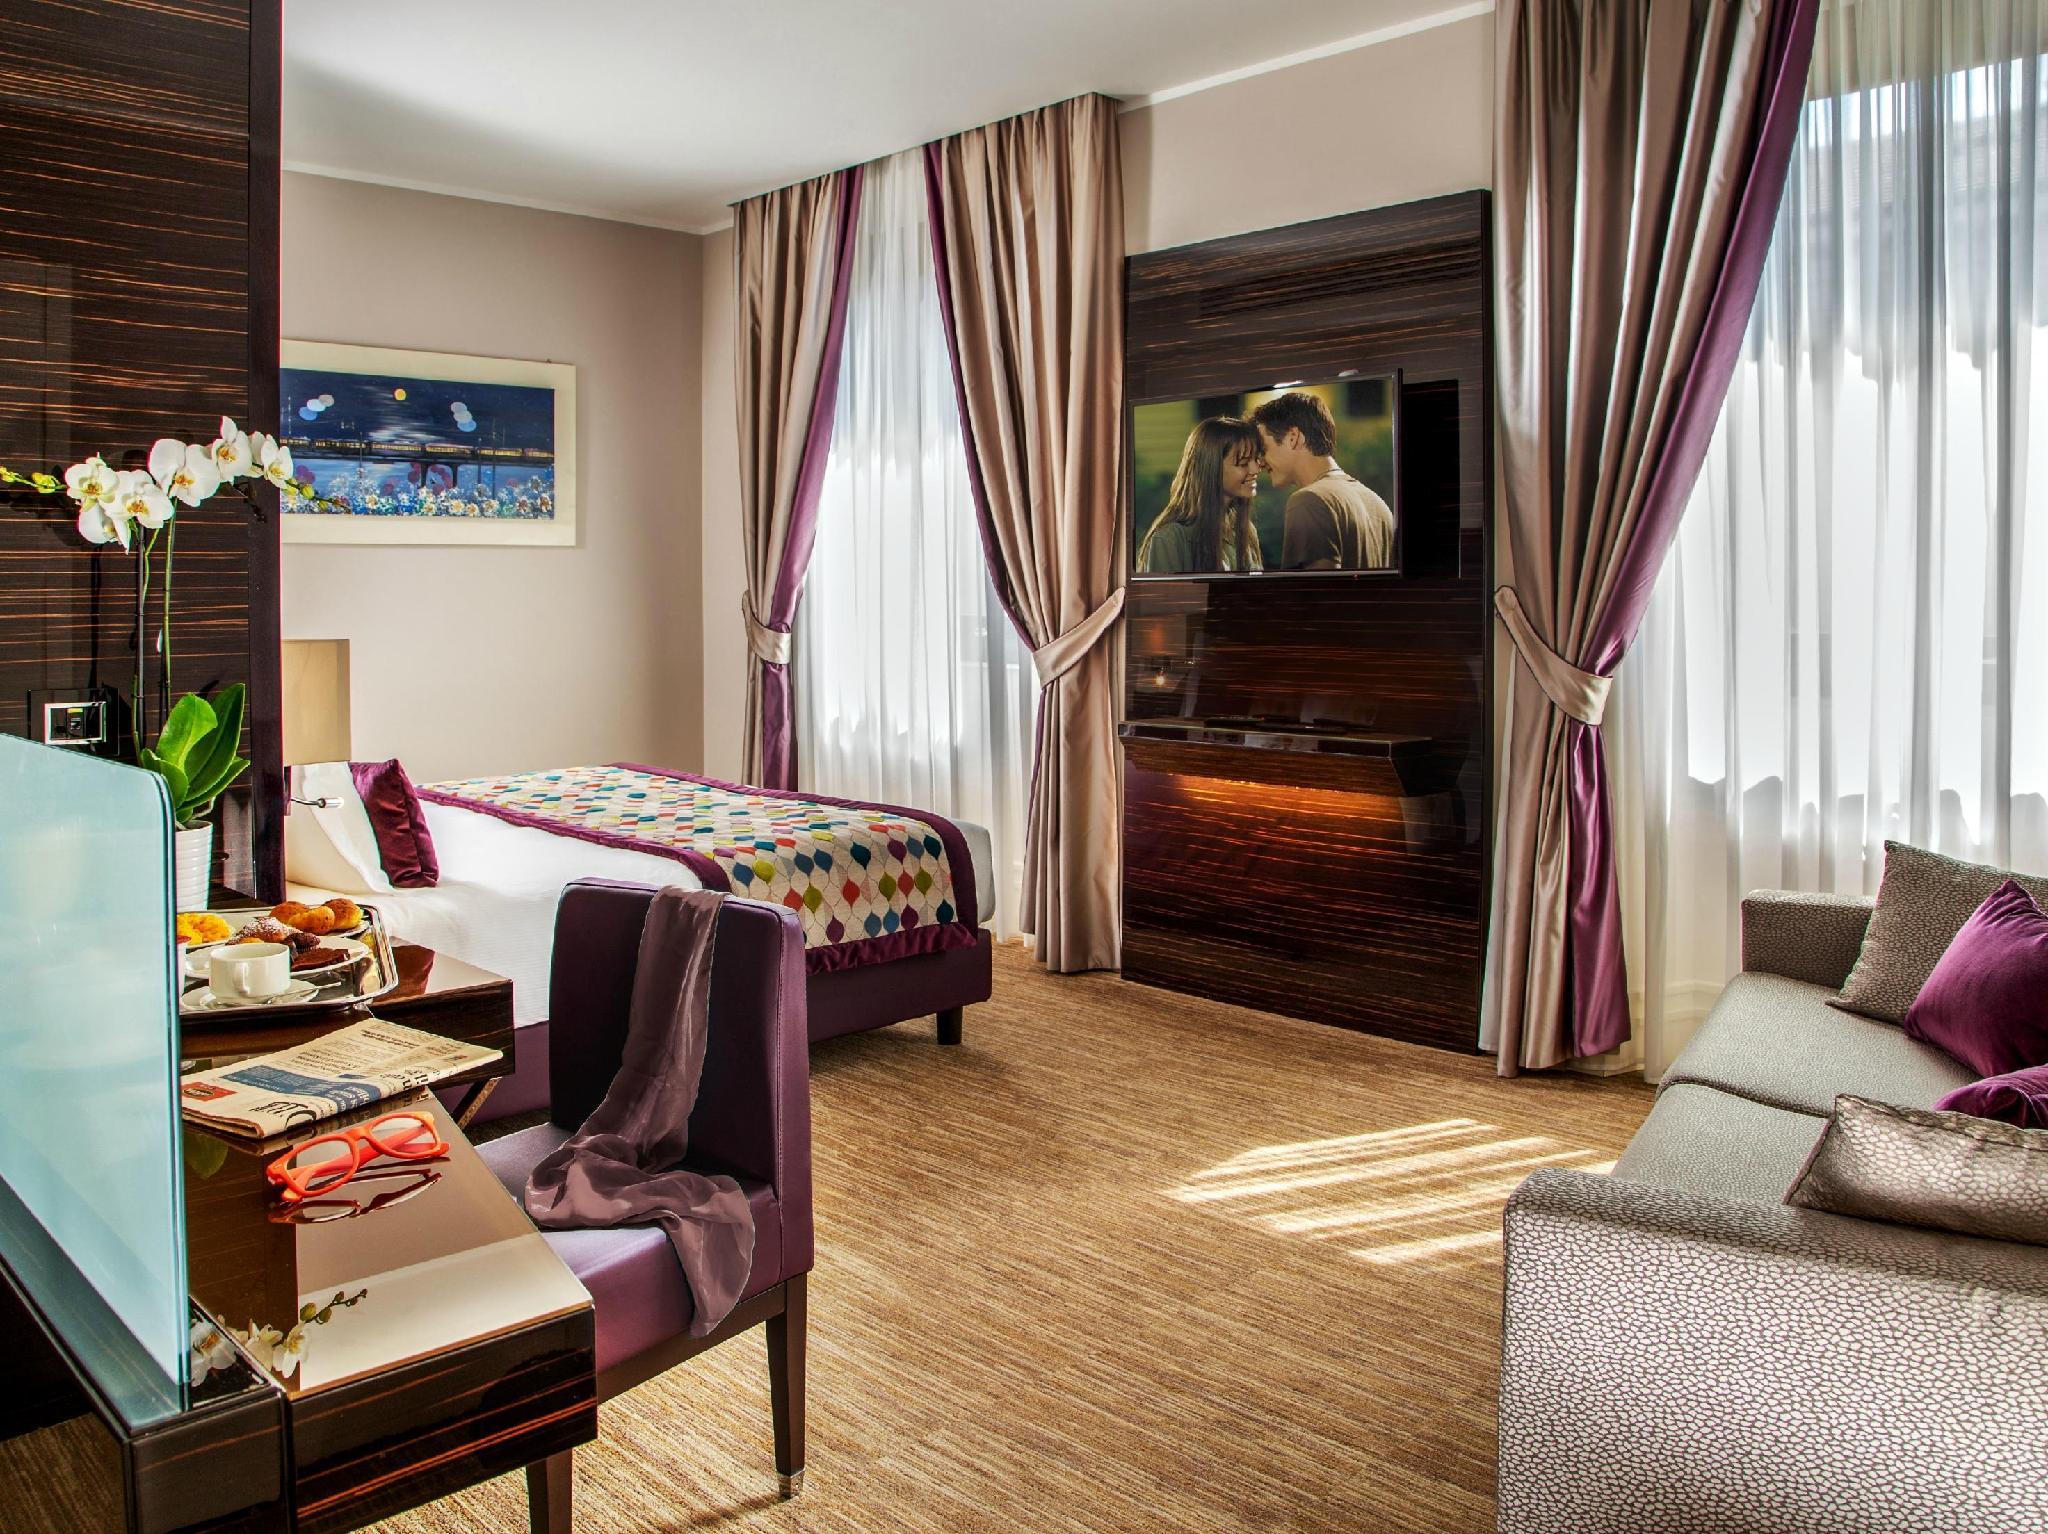 Gioberti art hotel rome Рoffres sp̩ciales pour cet h̫tel